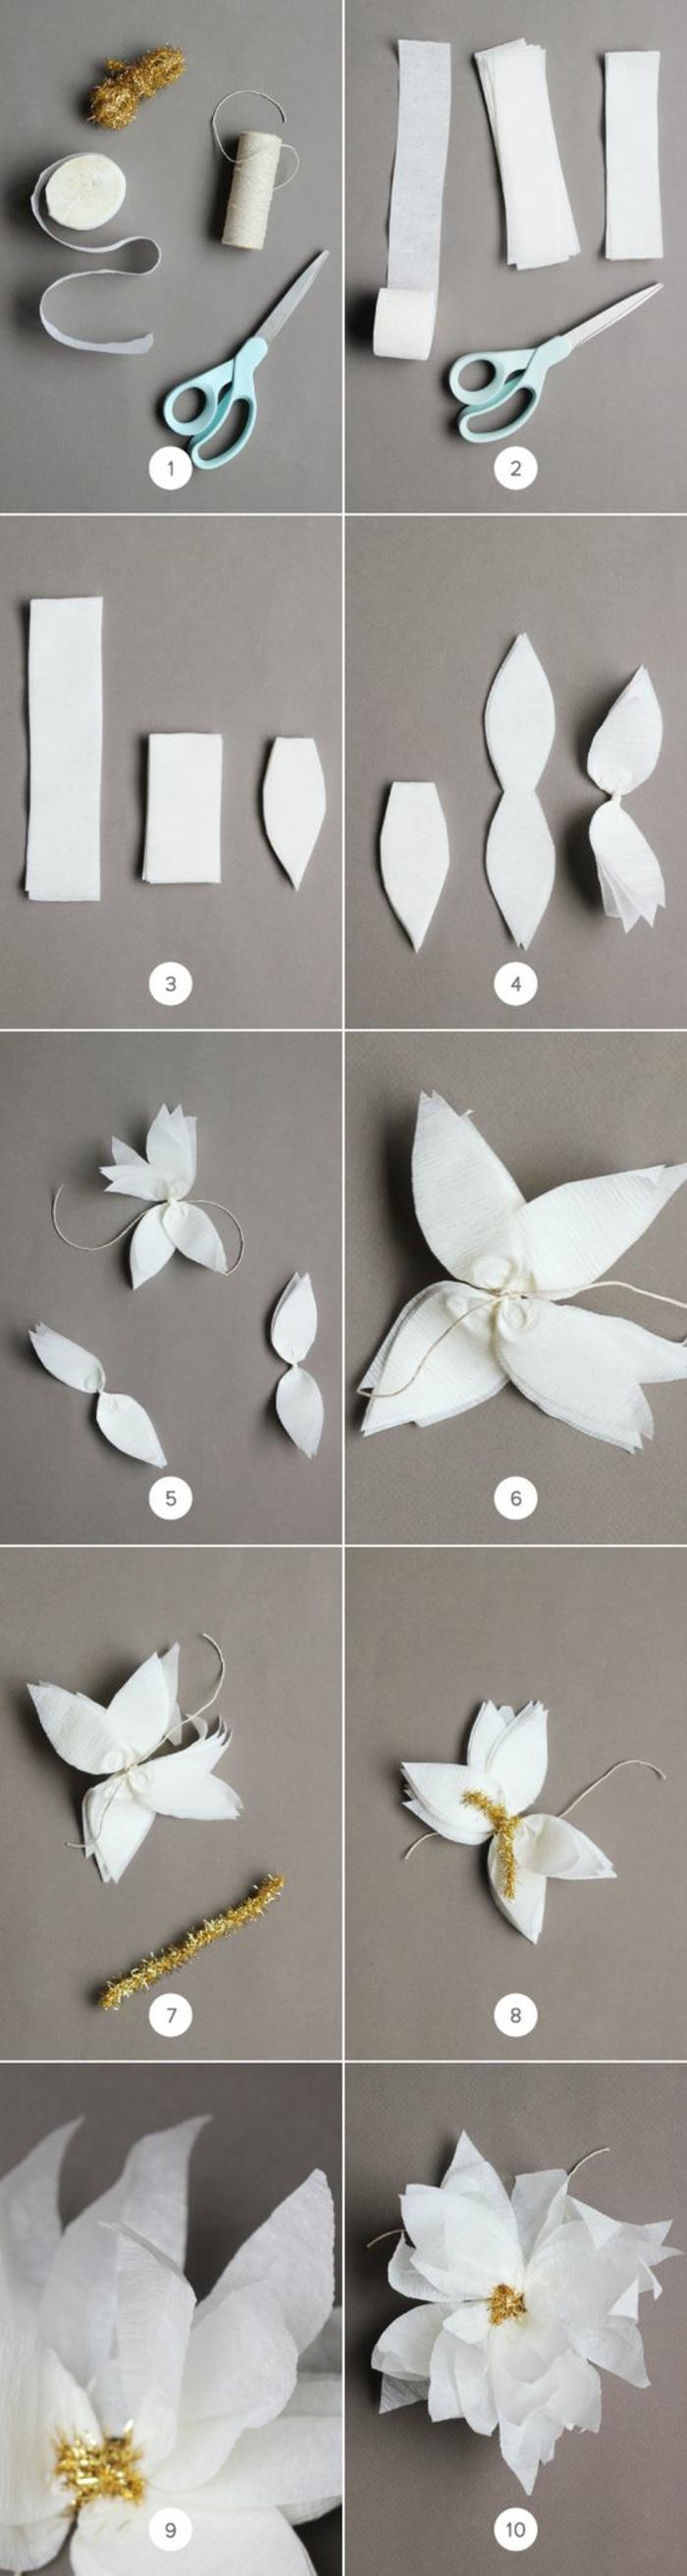 basteln mit krepppapier, weißes kreppband, schere, diy papierblumen